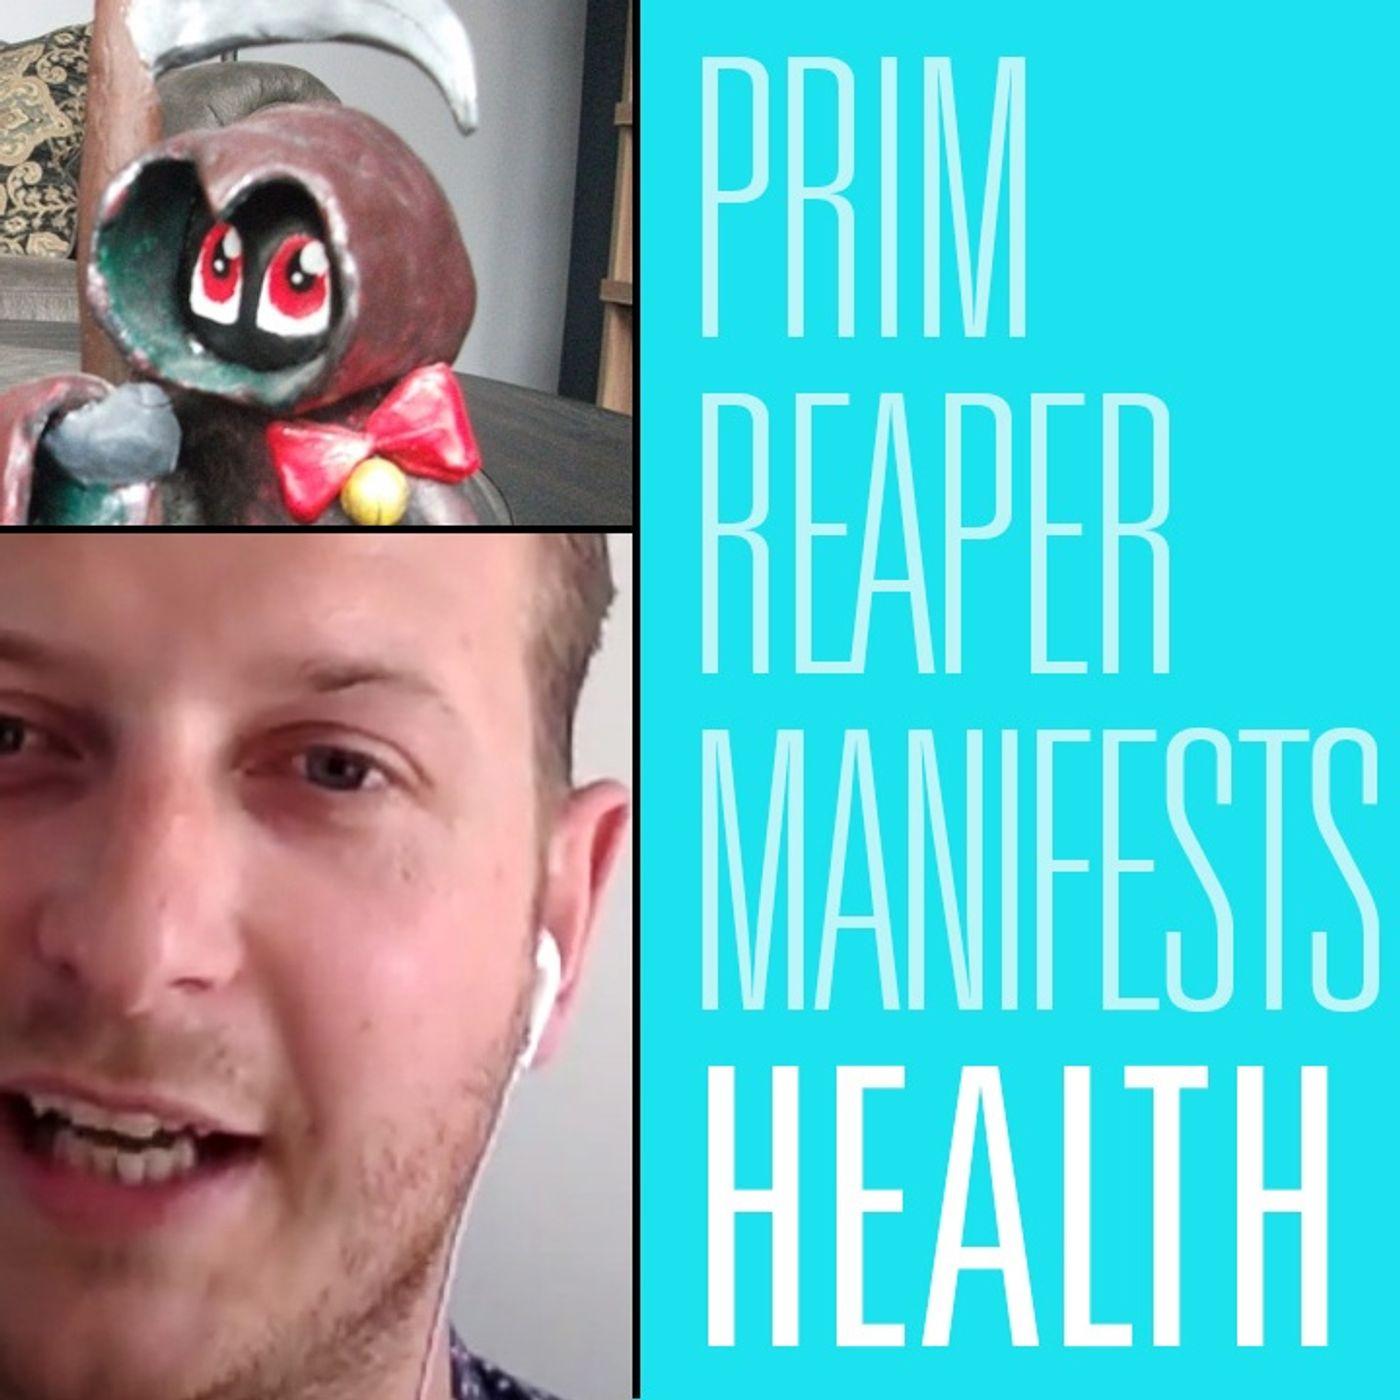 Prim Reaper Manifests   Men's Mental Health 20